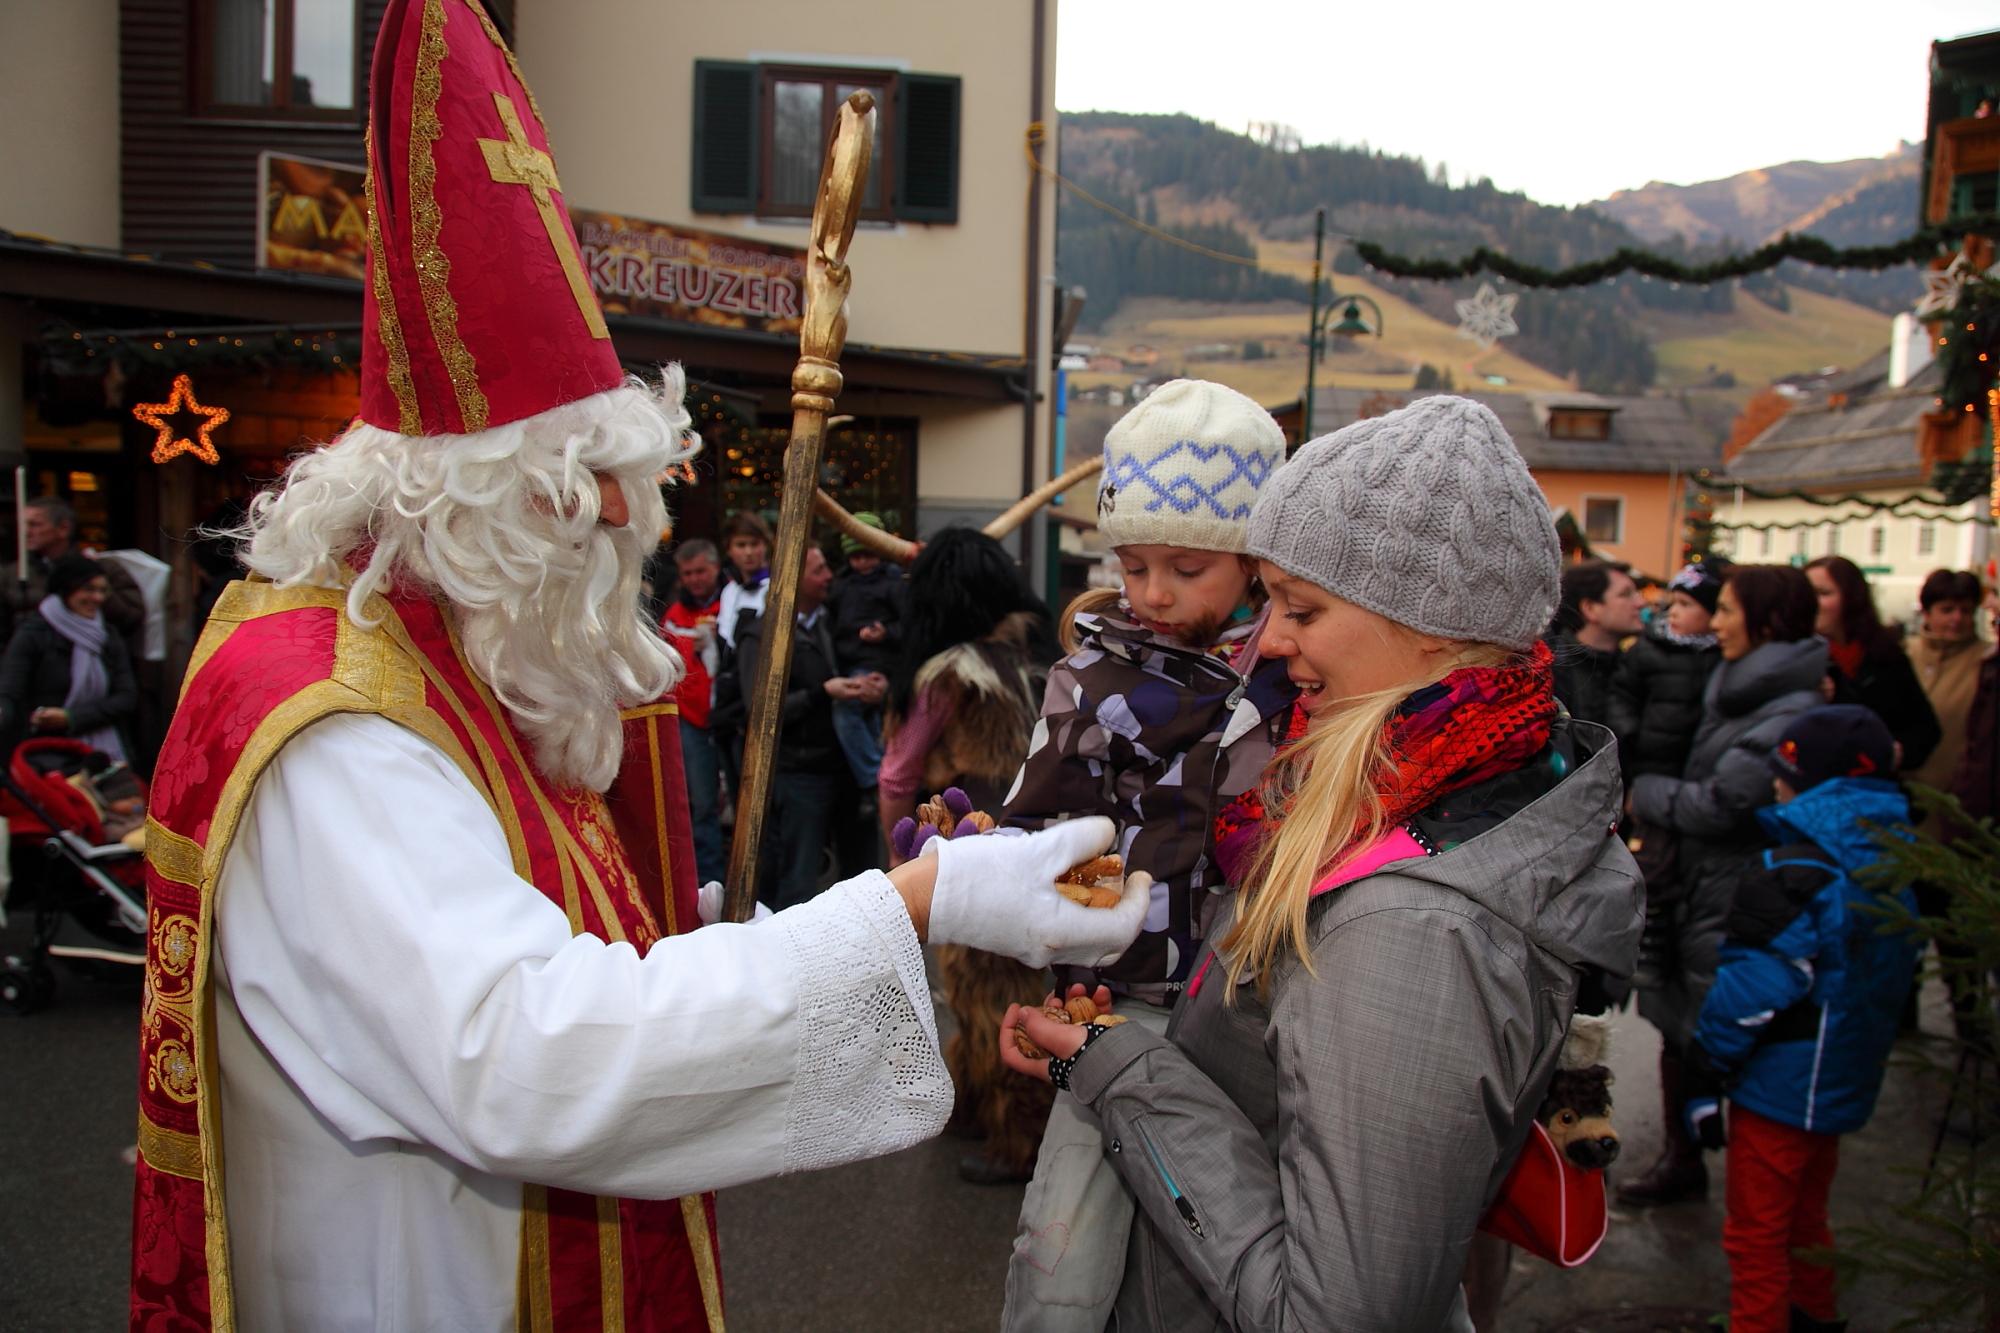 Nikolaus am Adventmarkt in Großarl